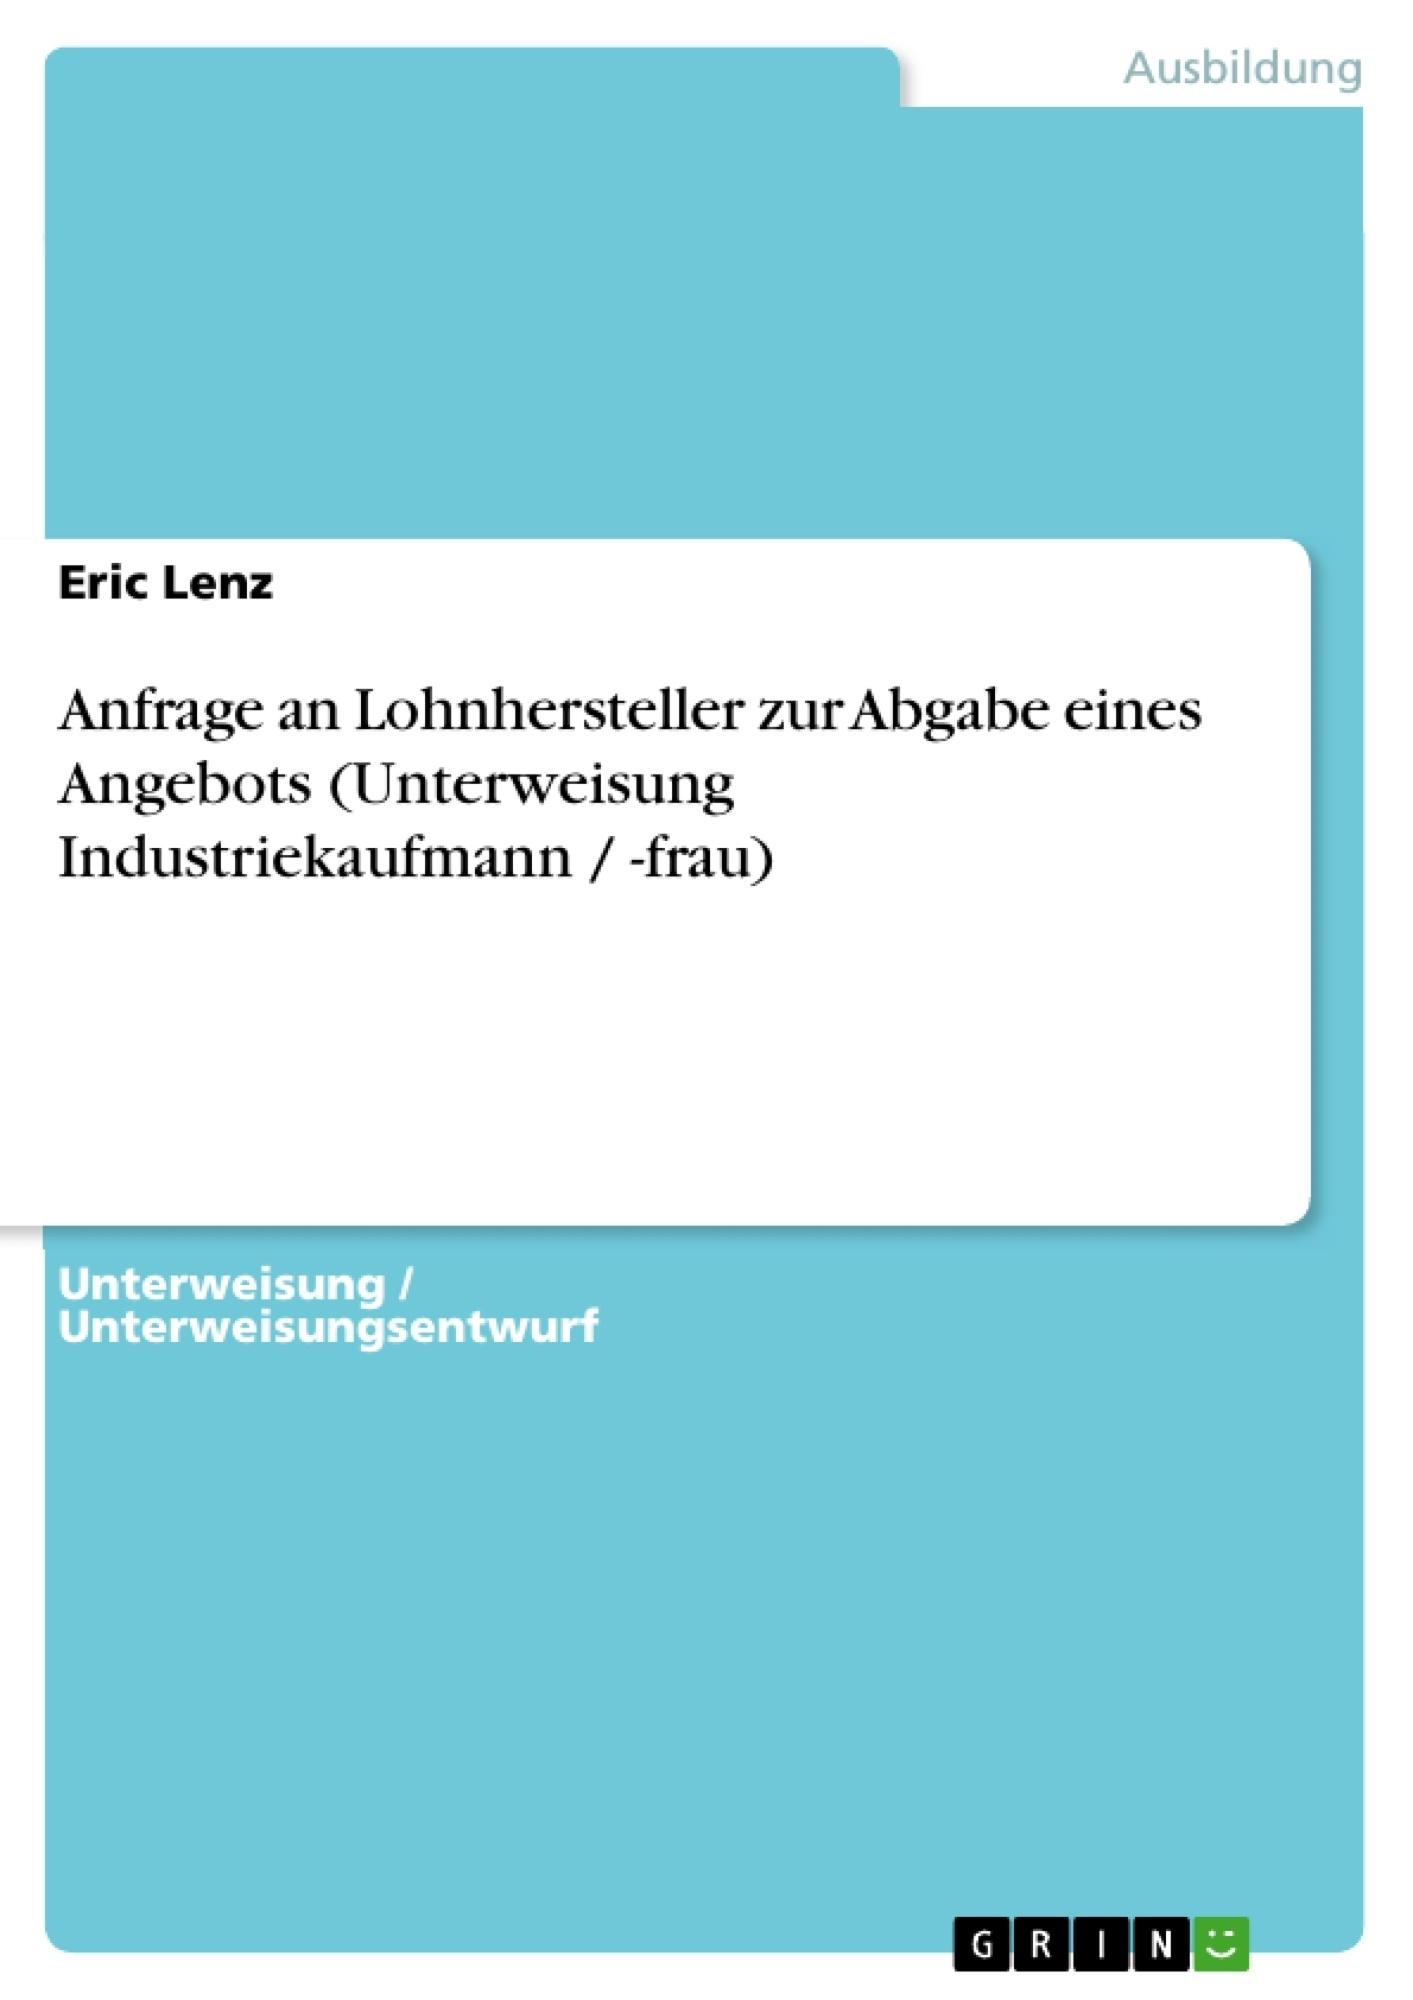 Titel: Anfrage an Lohnhersteller zur Abgabe eines Angebots (Unterweisung Industriekaufmann / -frau)